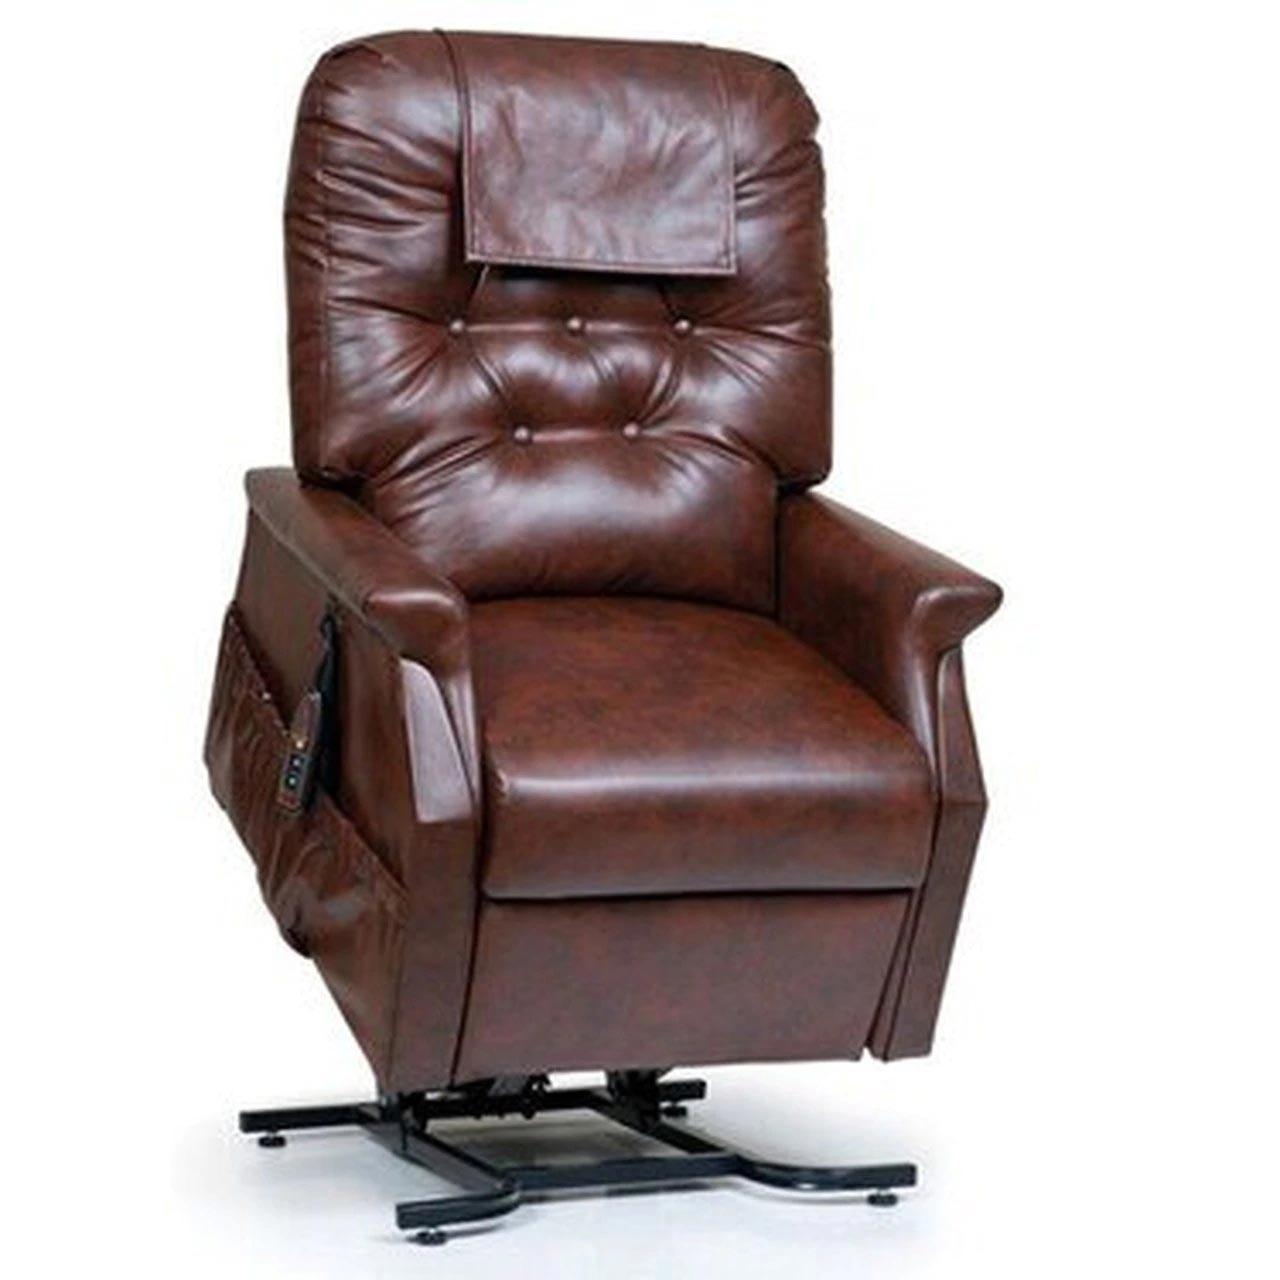 Golden Technologies Capri lift chair